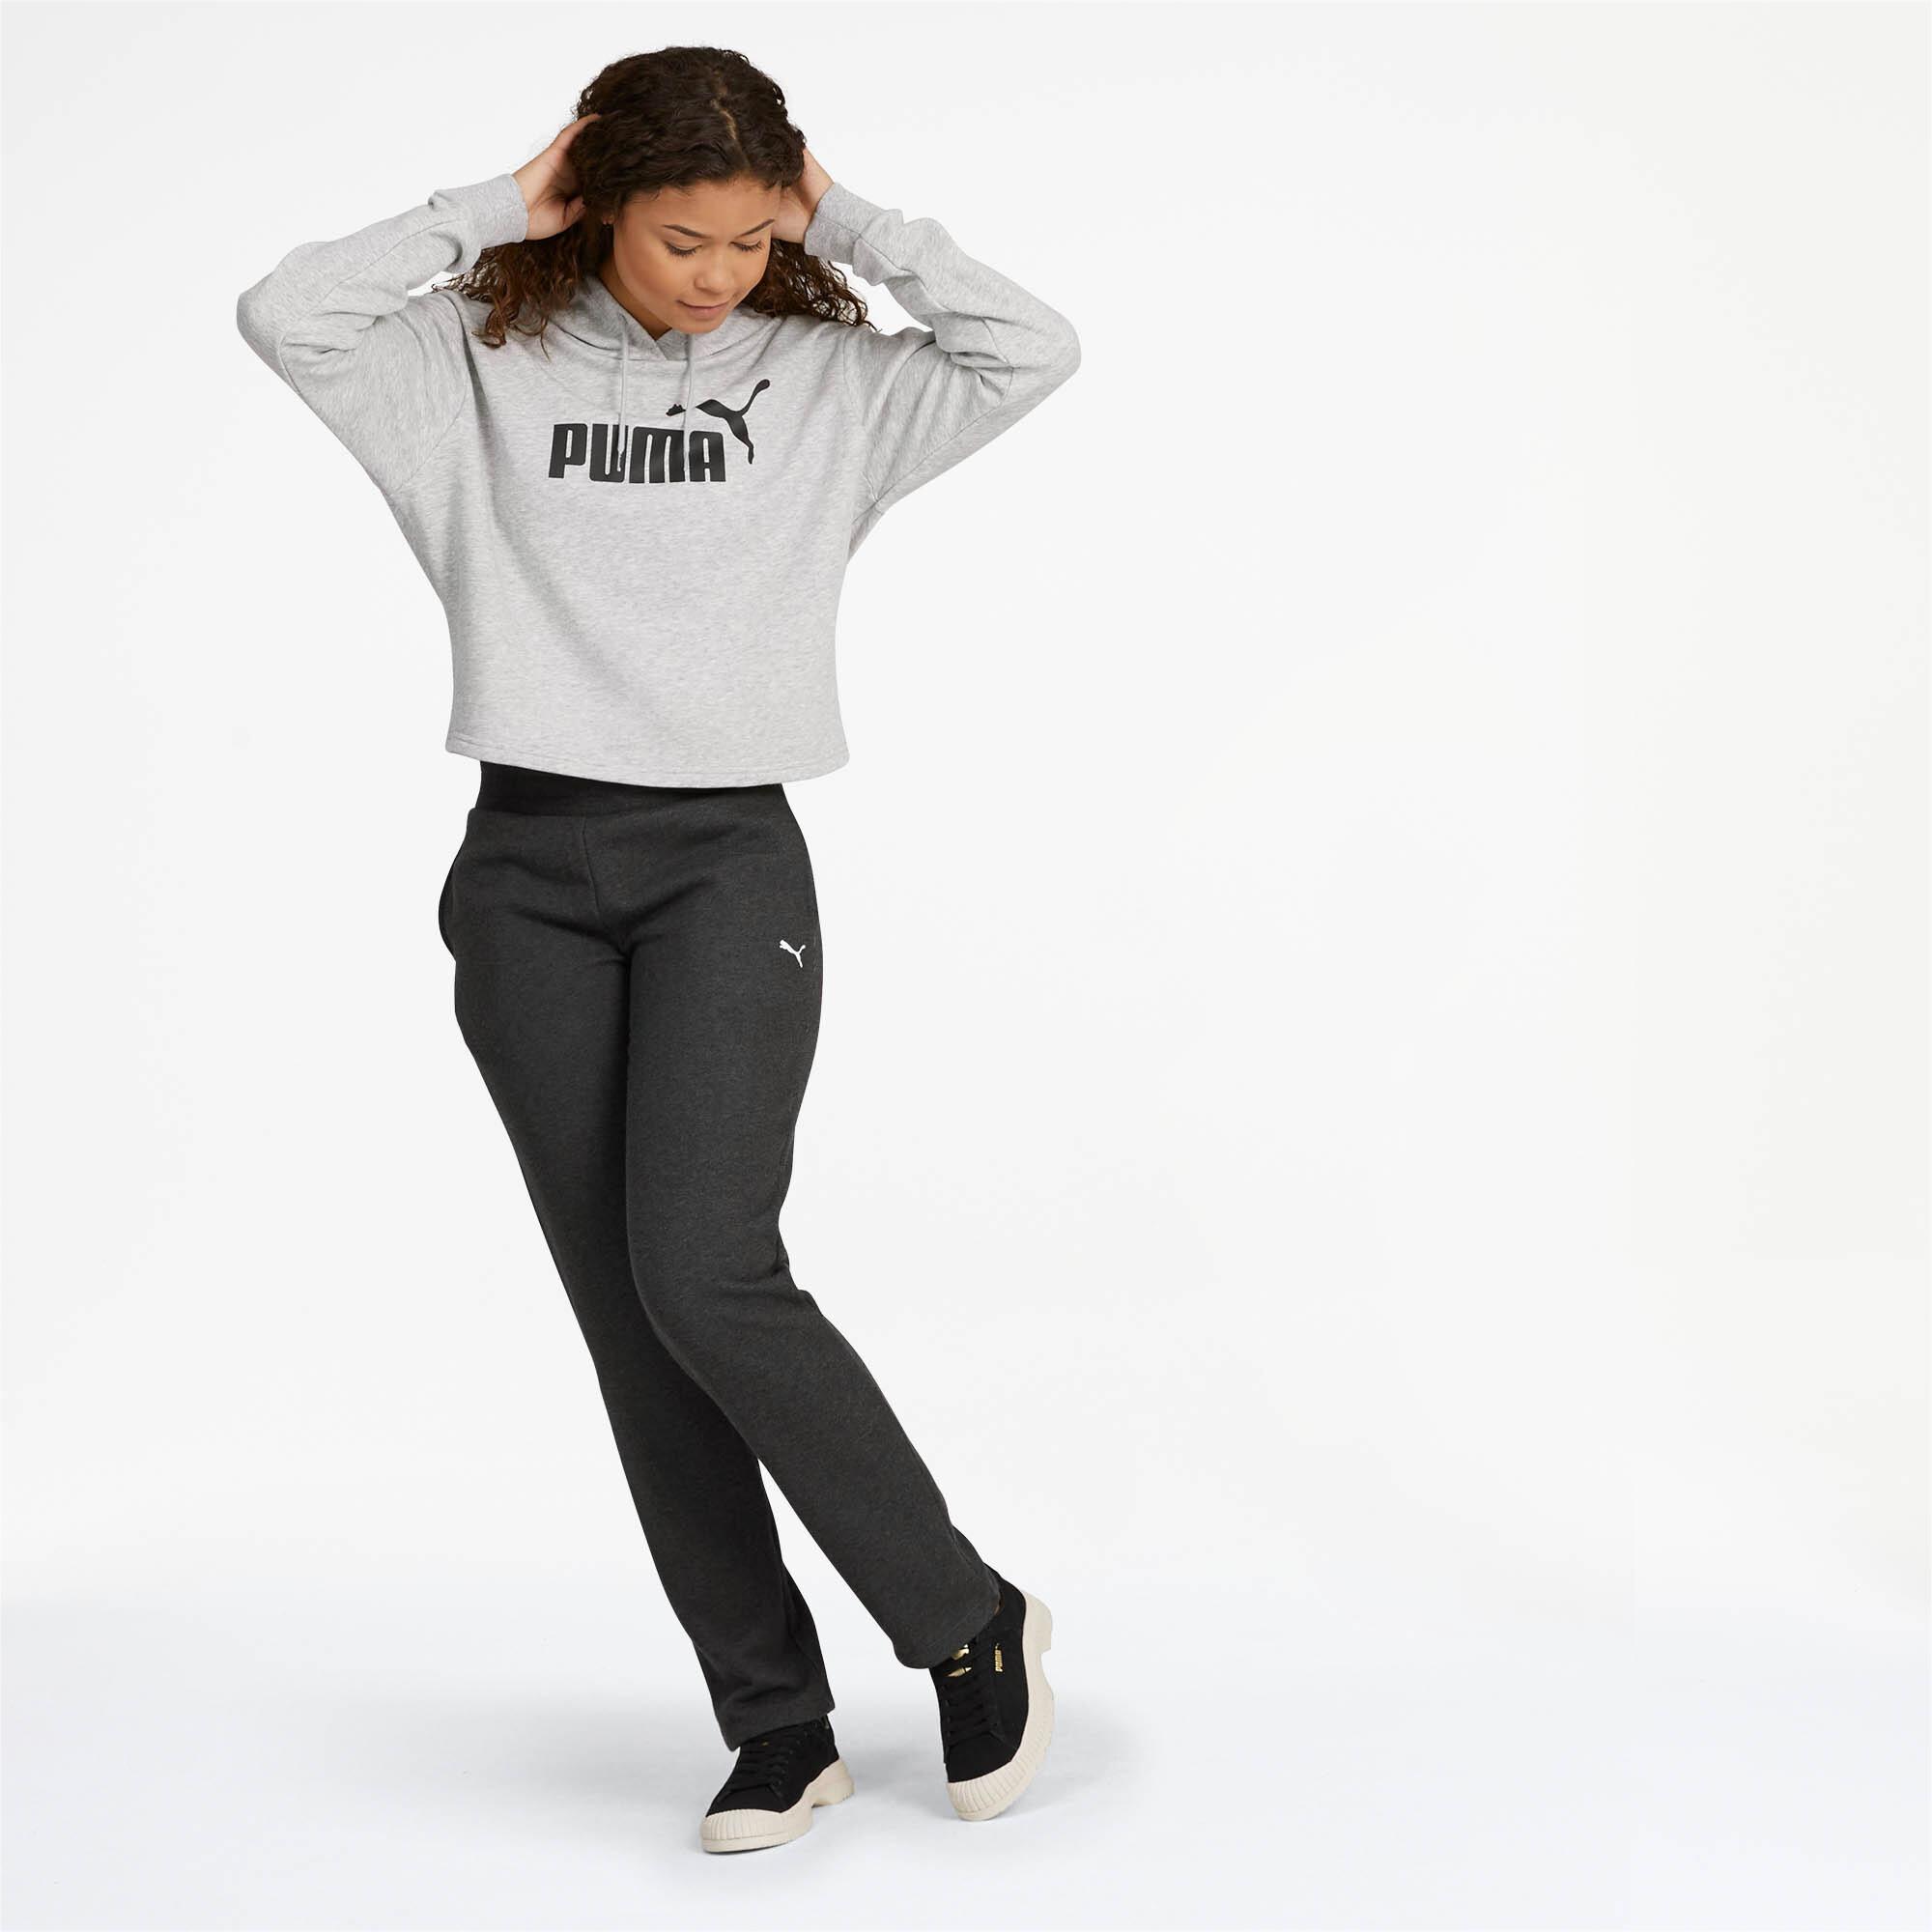 PUMA-Essentials-Fleece-Women-039-s-Knitted-Pants-Women-Knitted-Pants-Basics thumbnail 9